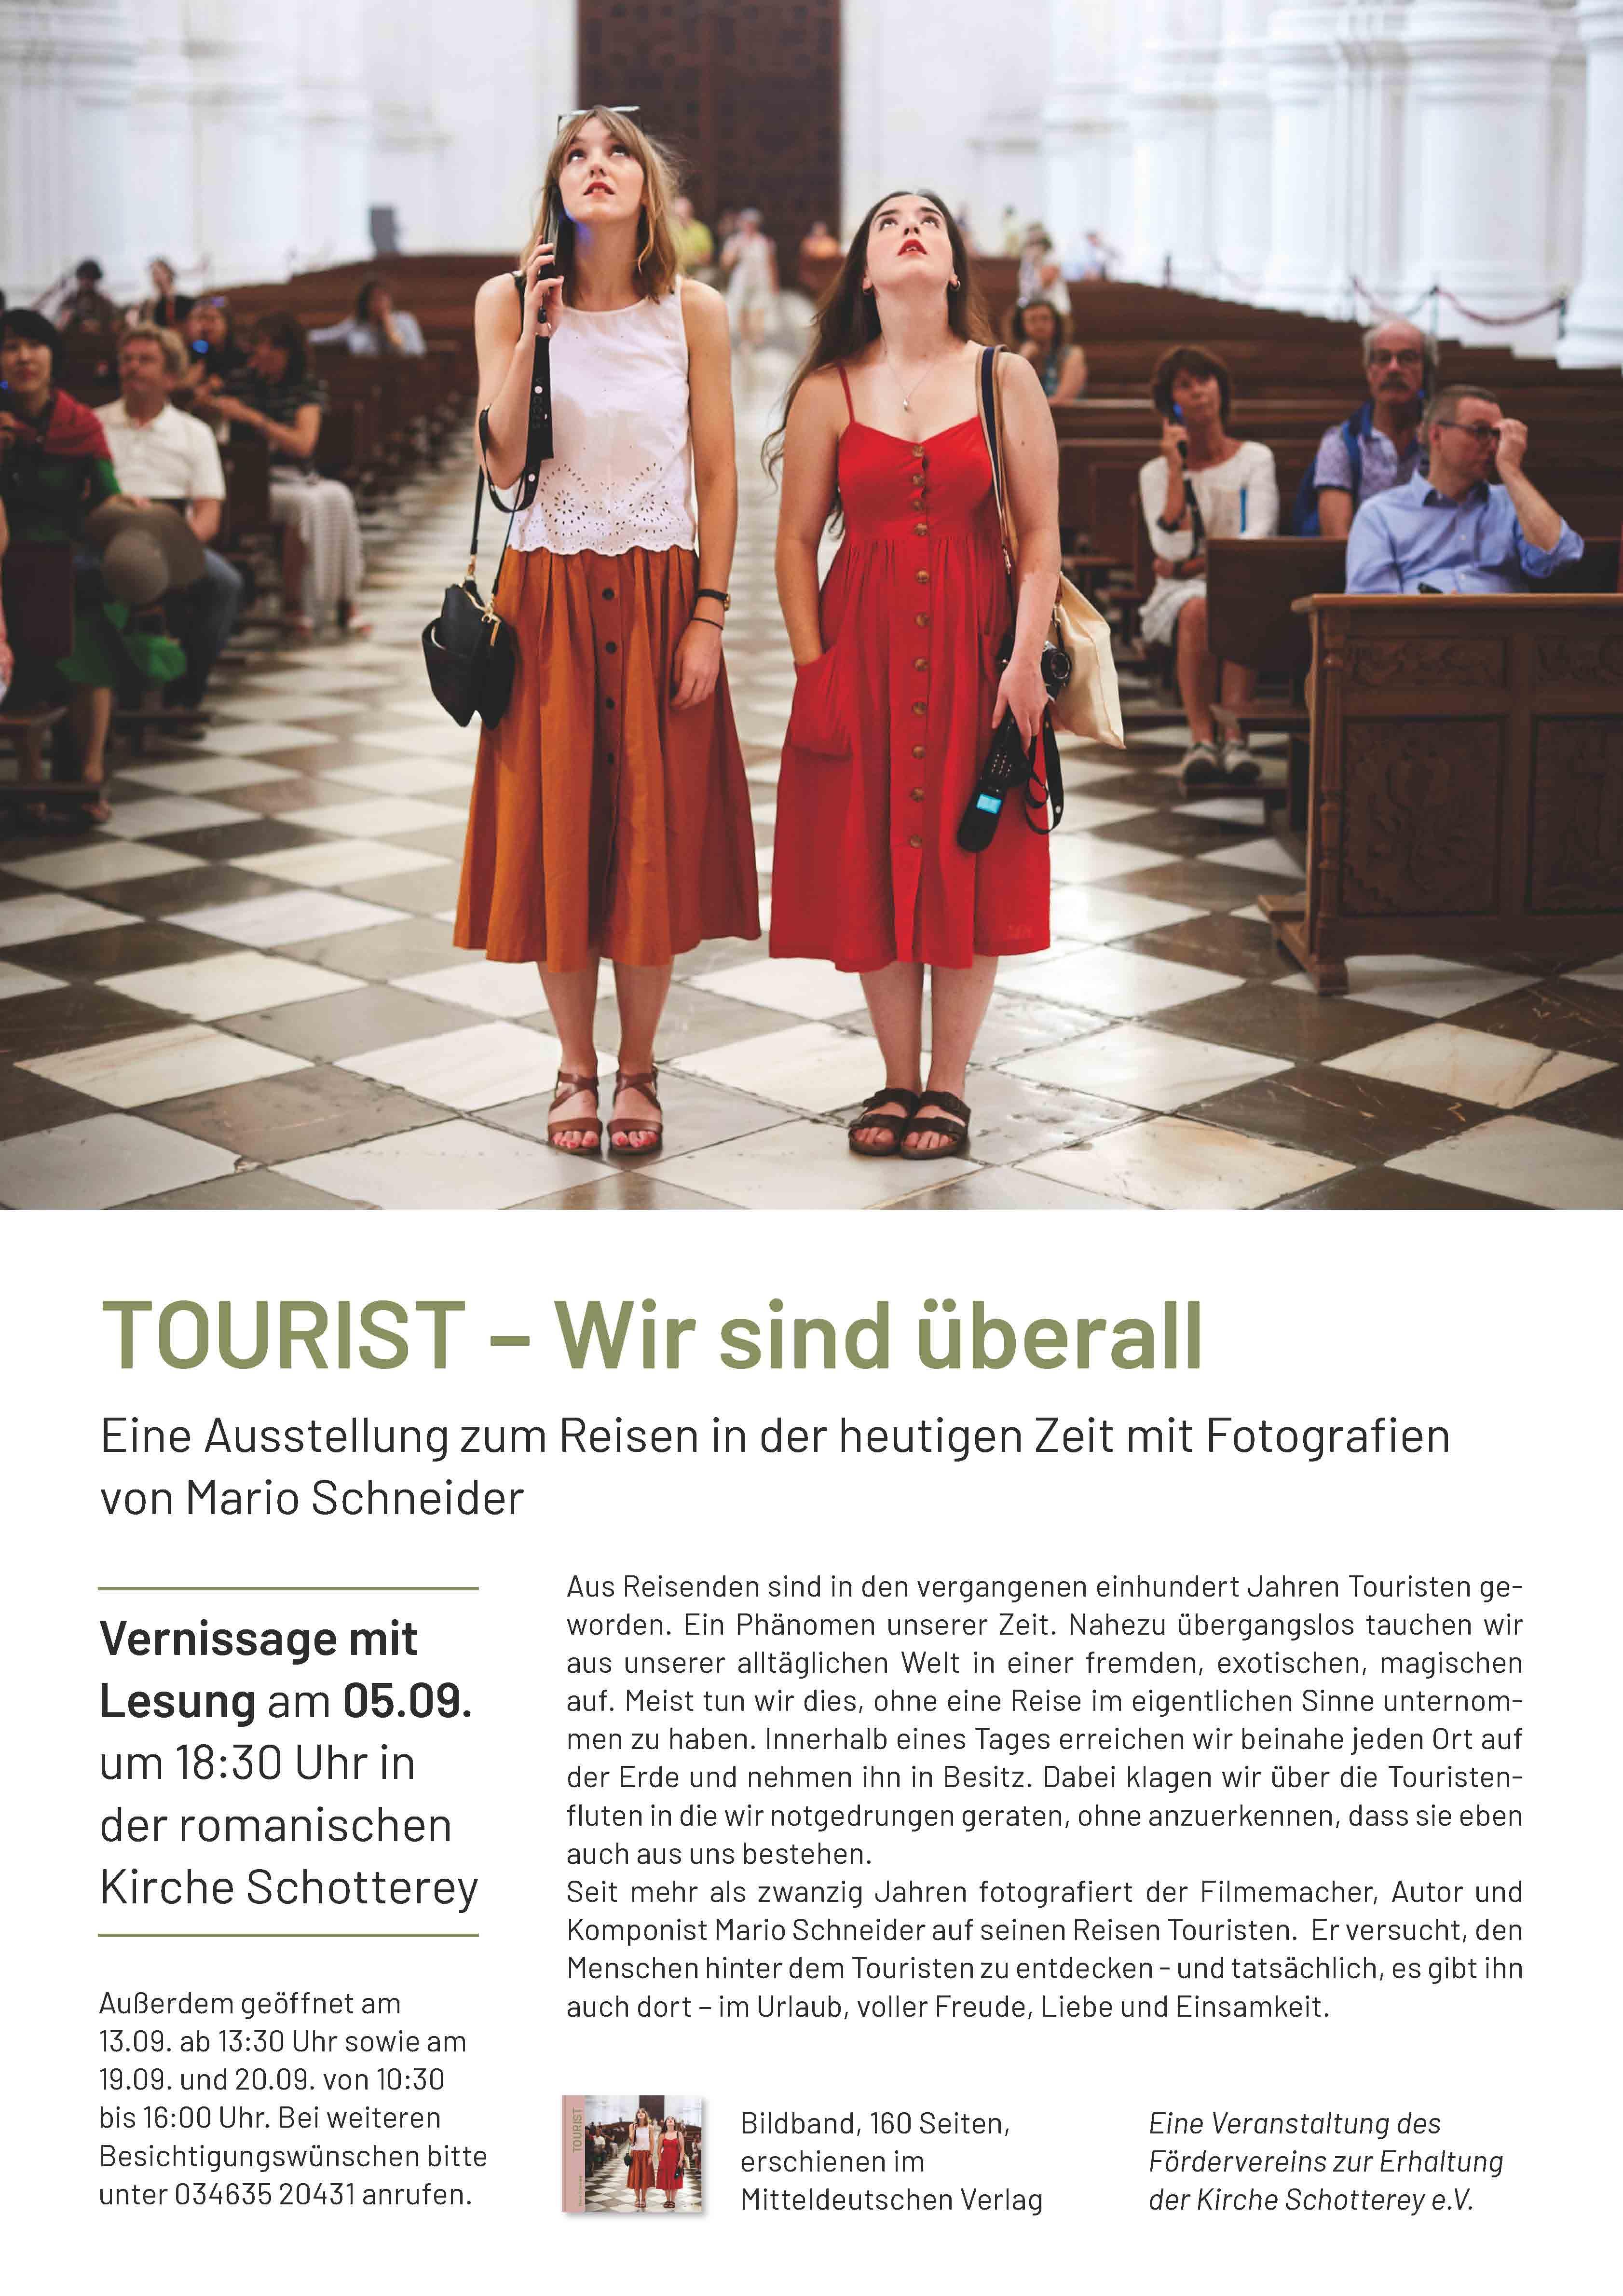 Tourist_Plakat_A4jpg